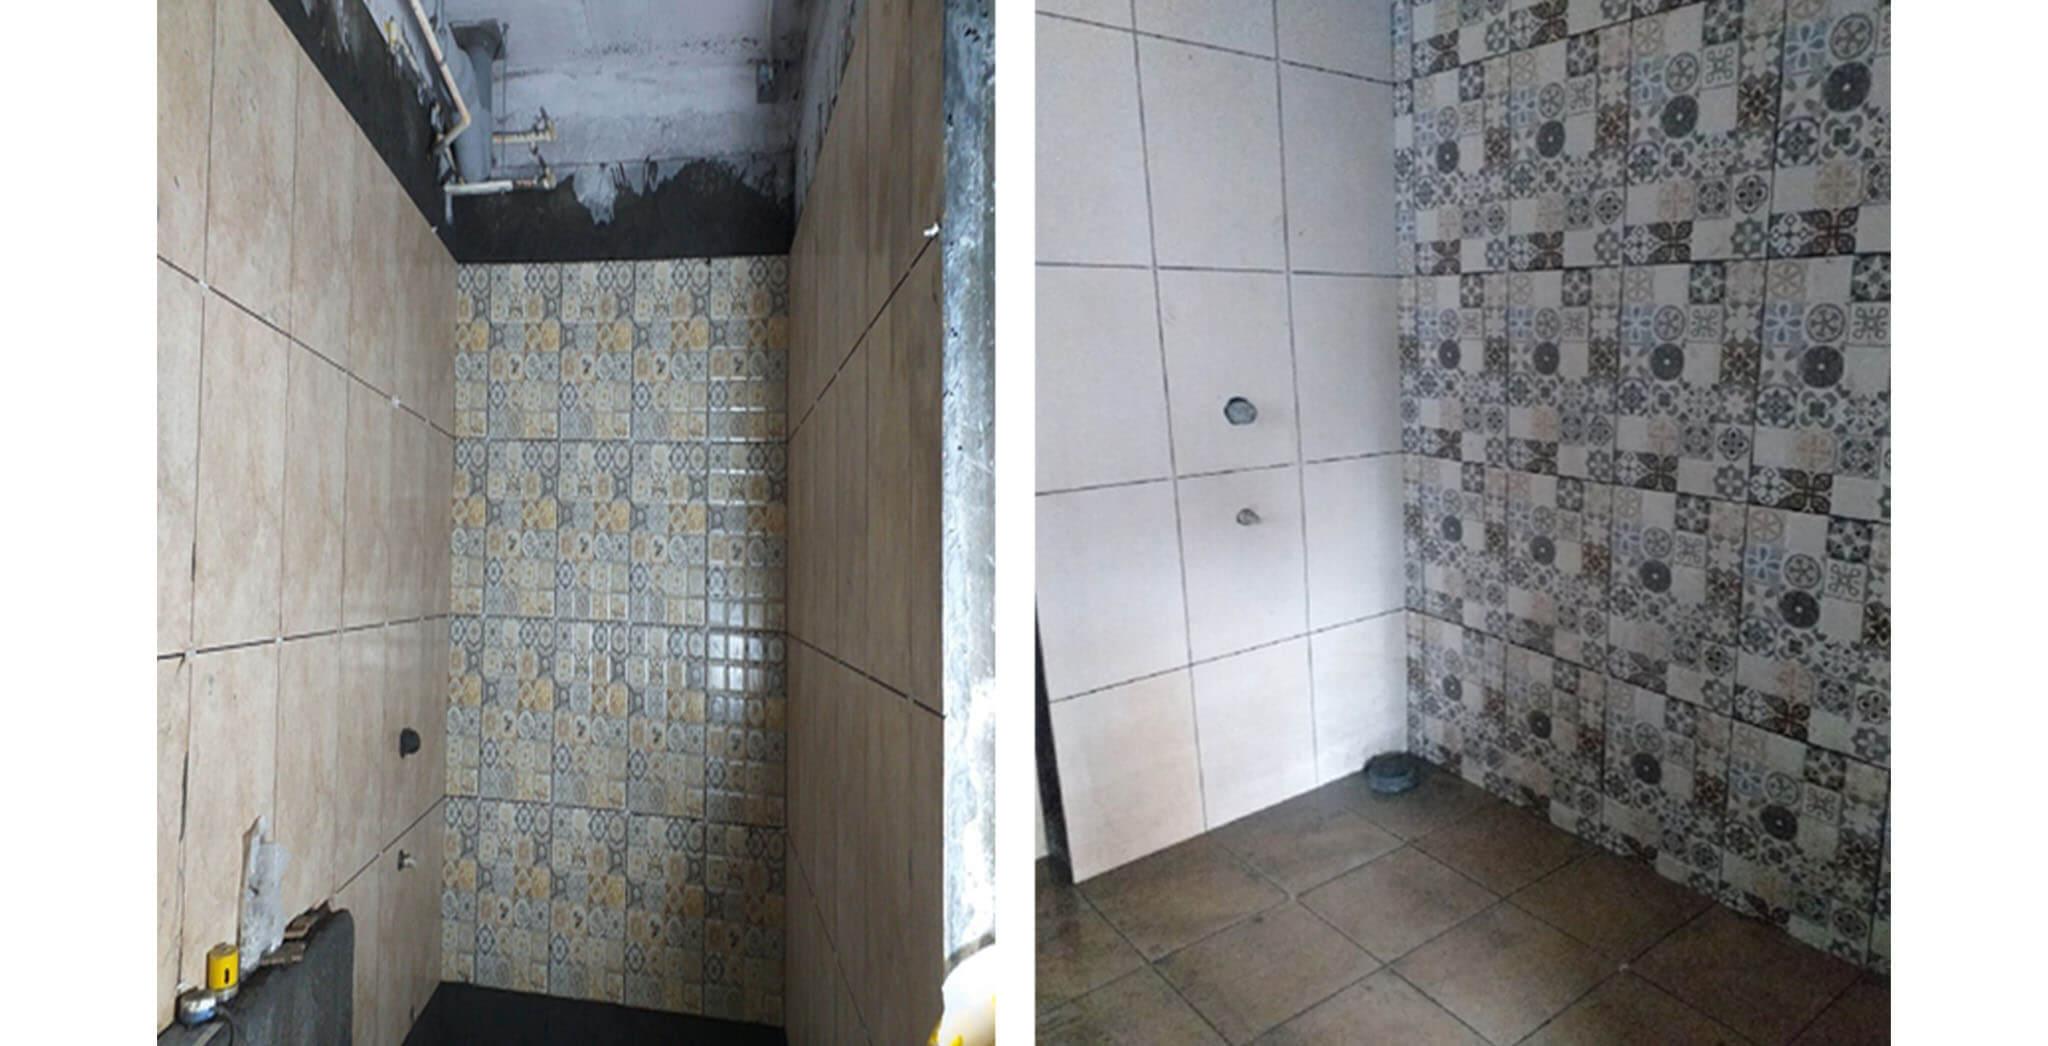 Oct 2020 - West side view: K, L, M, N & E Blocks—Tiling work-in-progress